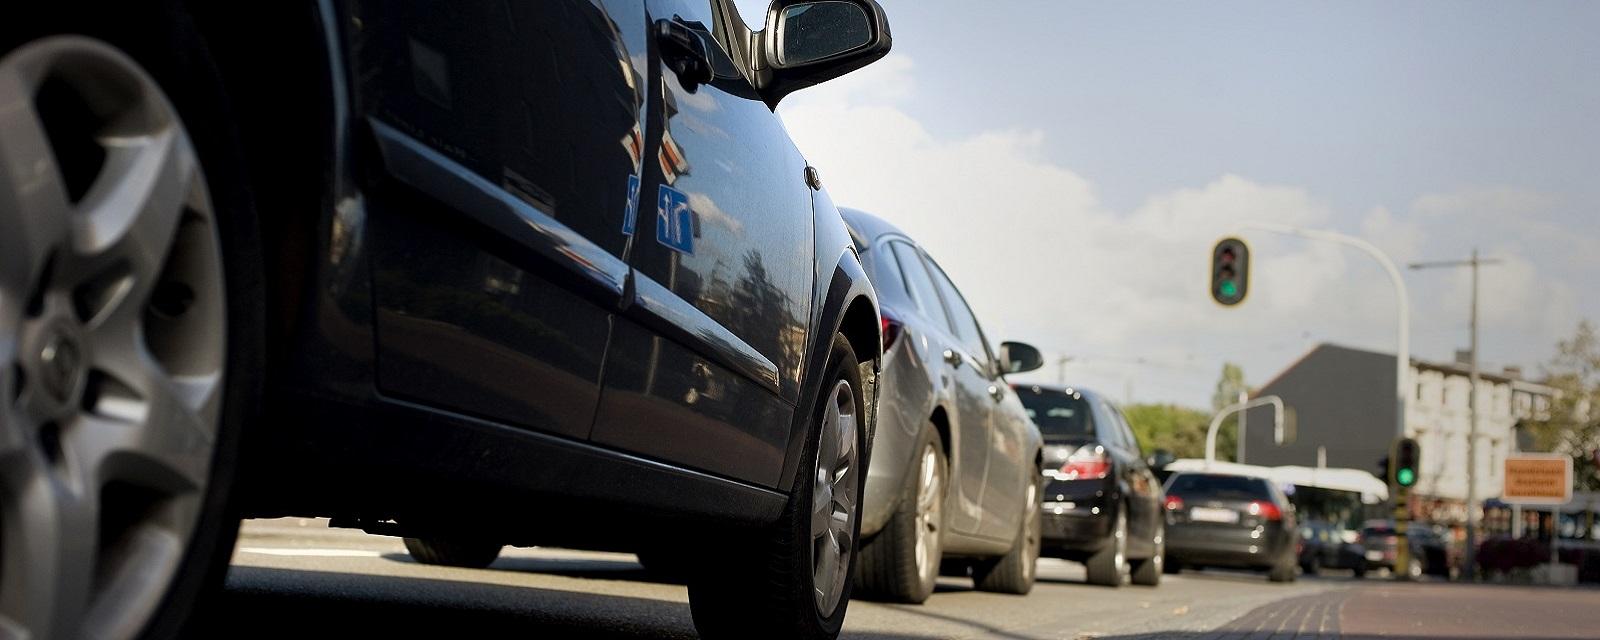 <h2>Verkeersveiligheid</h2><div> 'De mobiliteit in Lille moet beter. Er is nood aan een doordachte visie in samenspraak met onze inwoners.